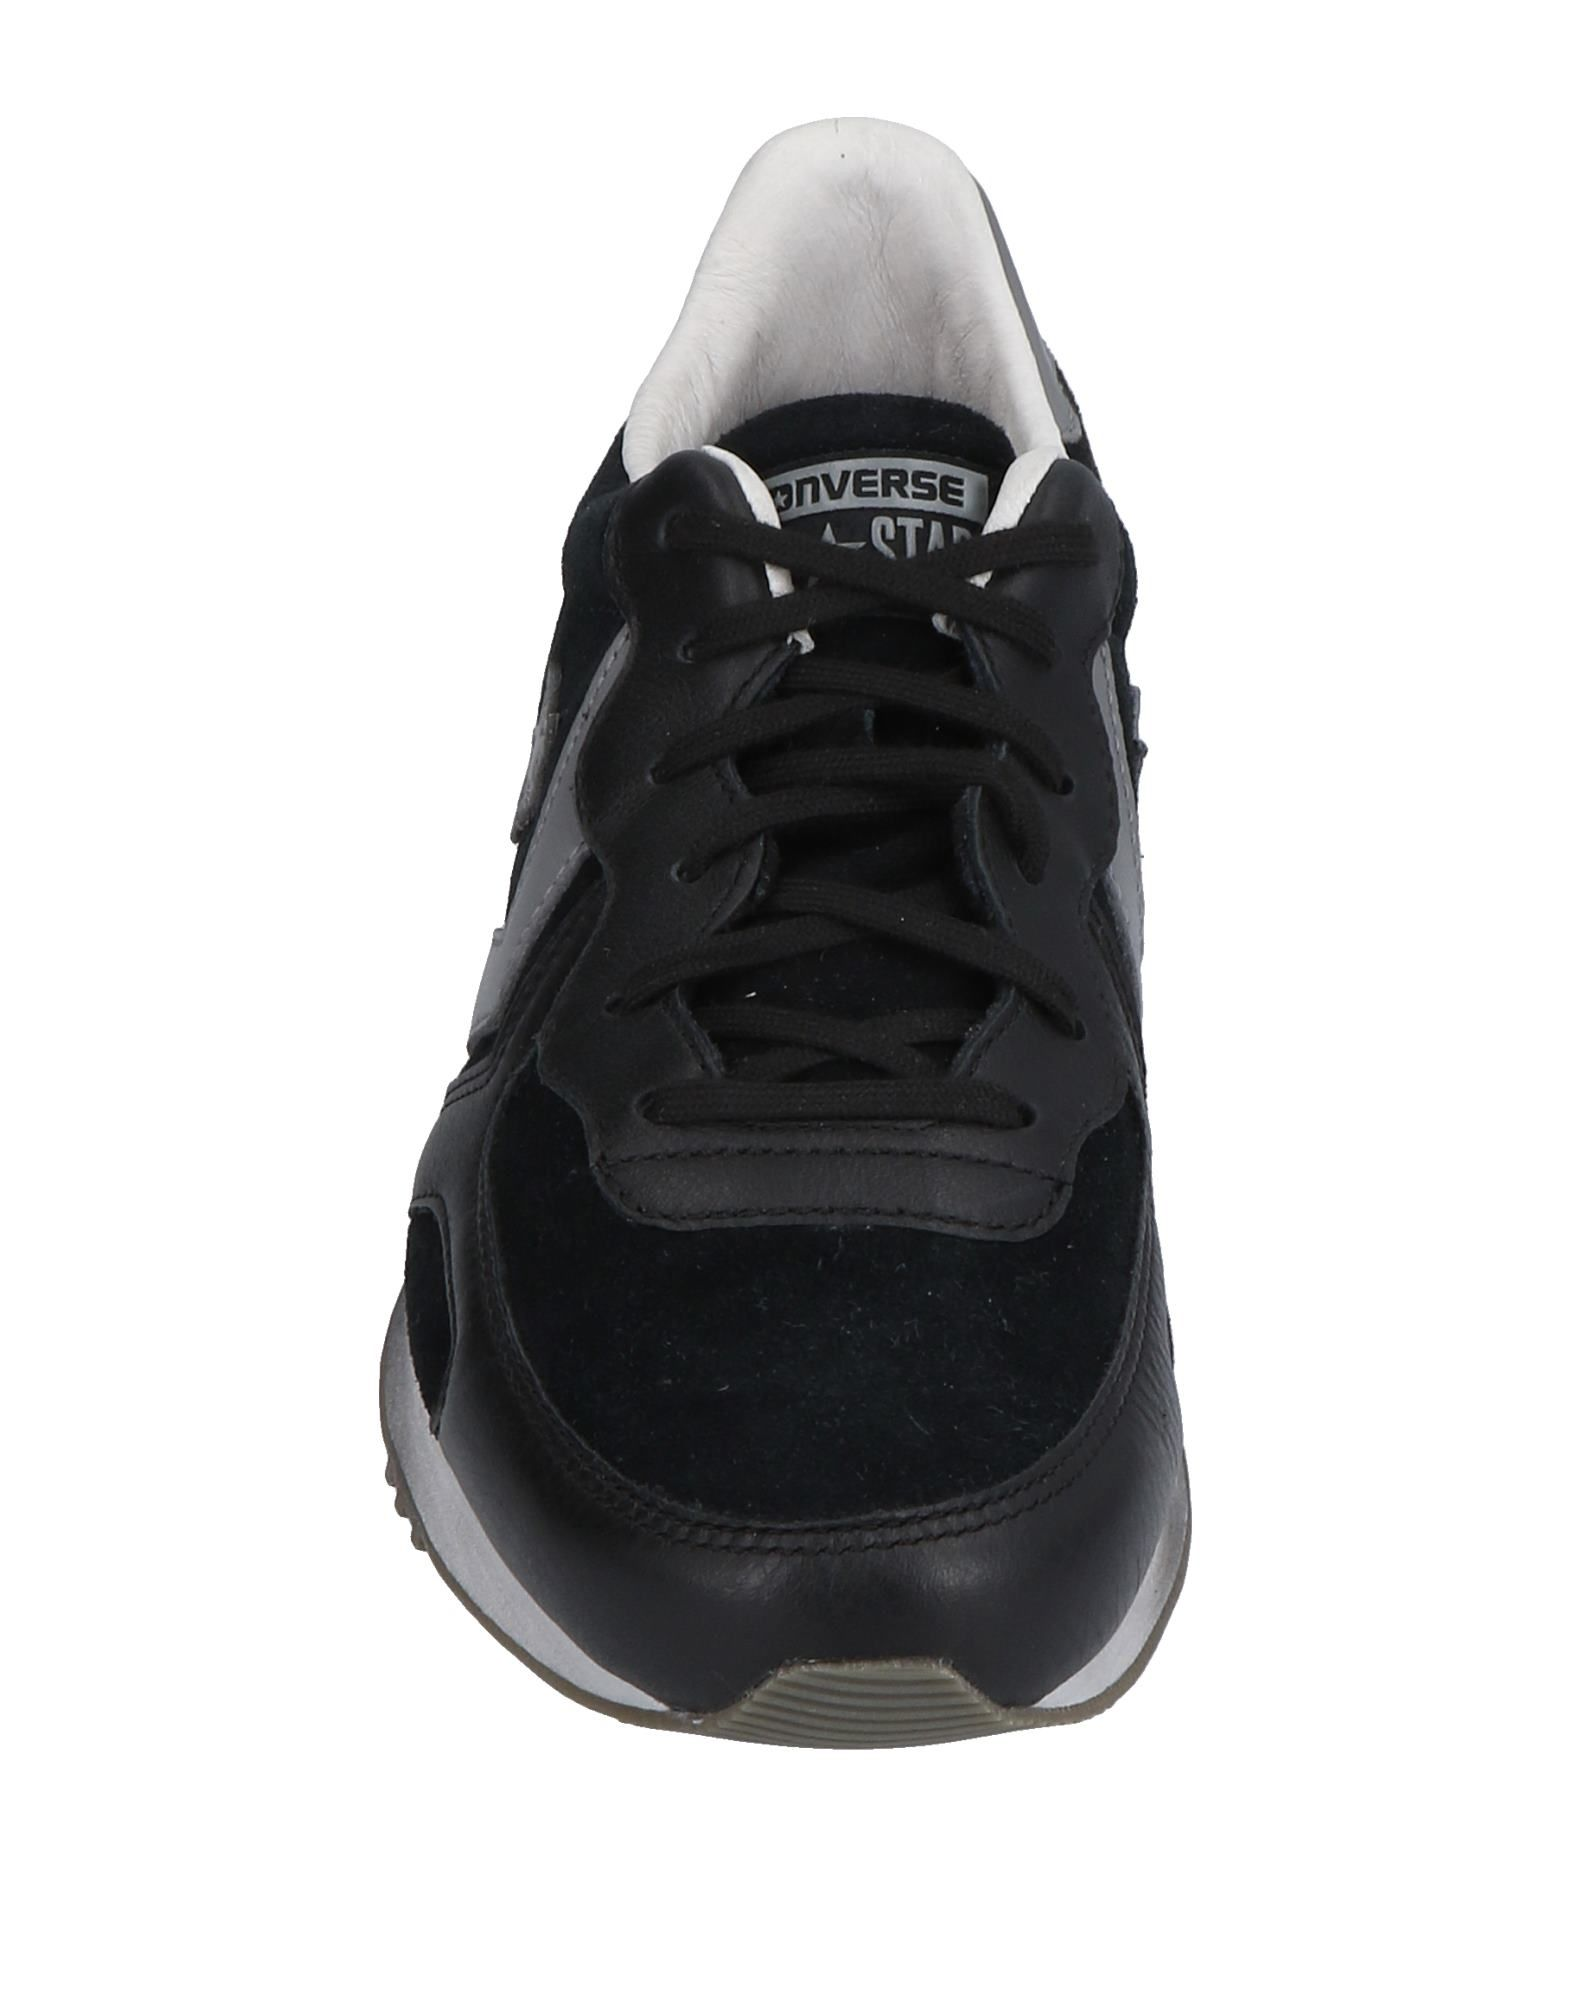 Rabatt echte Sneakers Schuhe Converse Sneakers echte Herren  11493594MV ee1c36